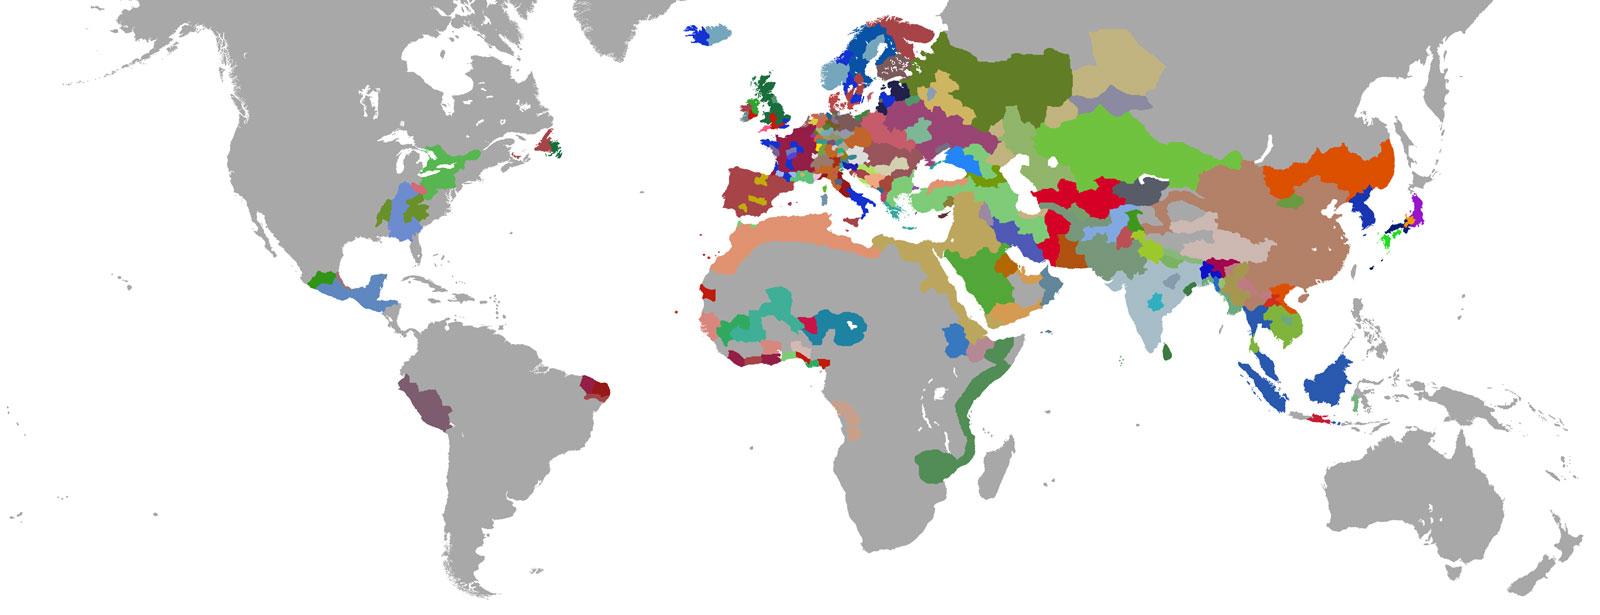 EU3_MAP_IRO_1554.10.6_1.jpg